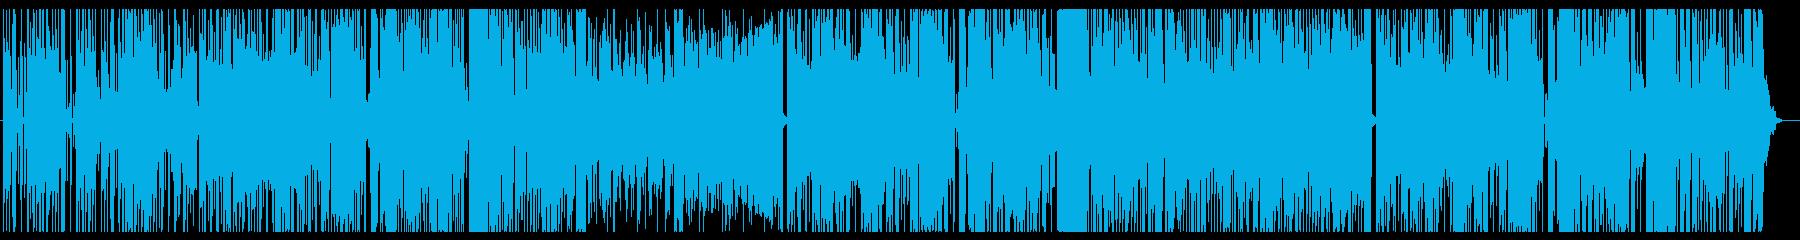 少し大人なシーンなどBGM。シンセの再生済みの波形